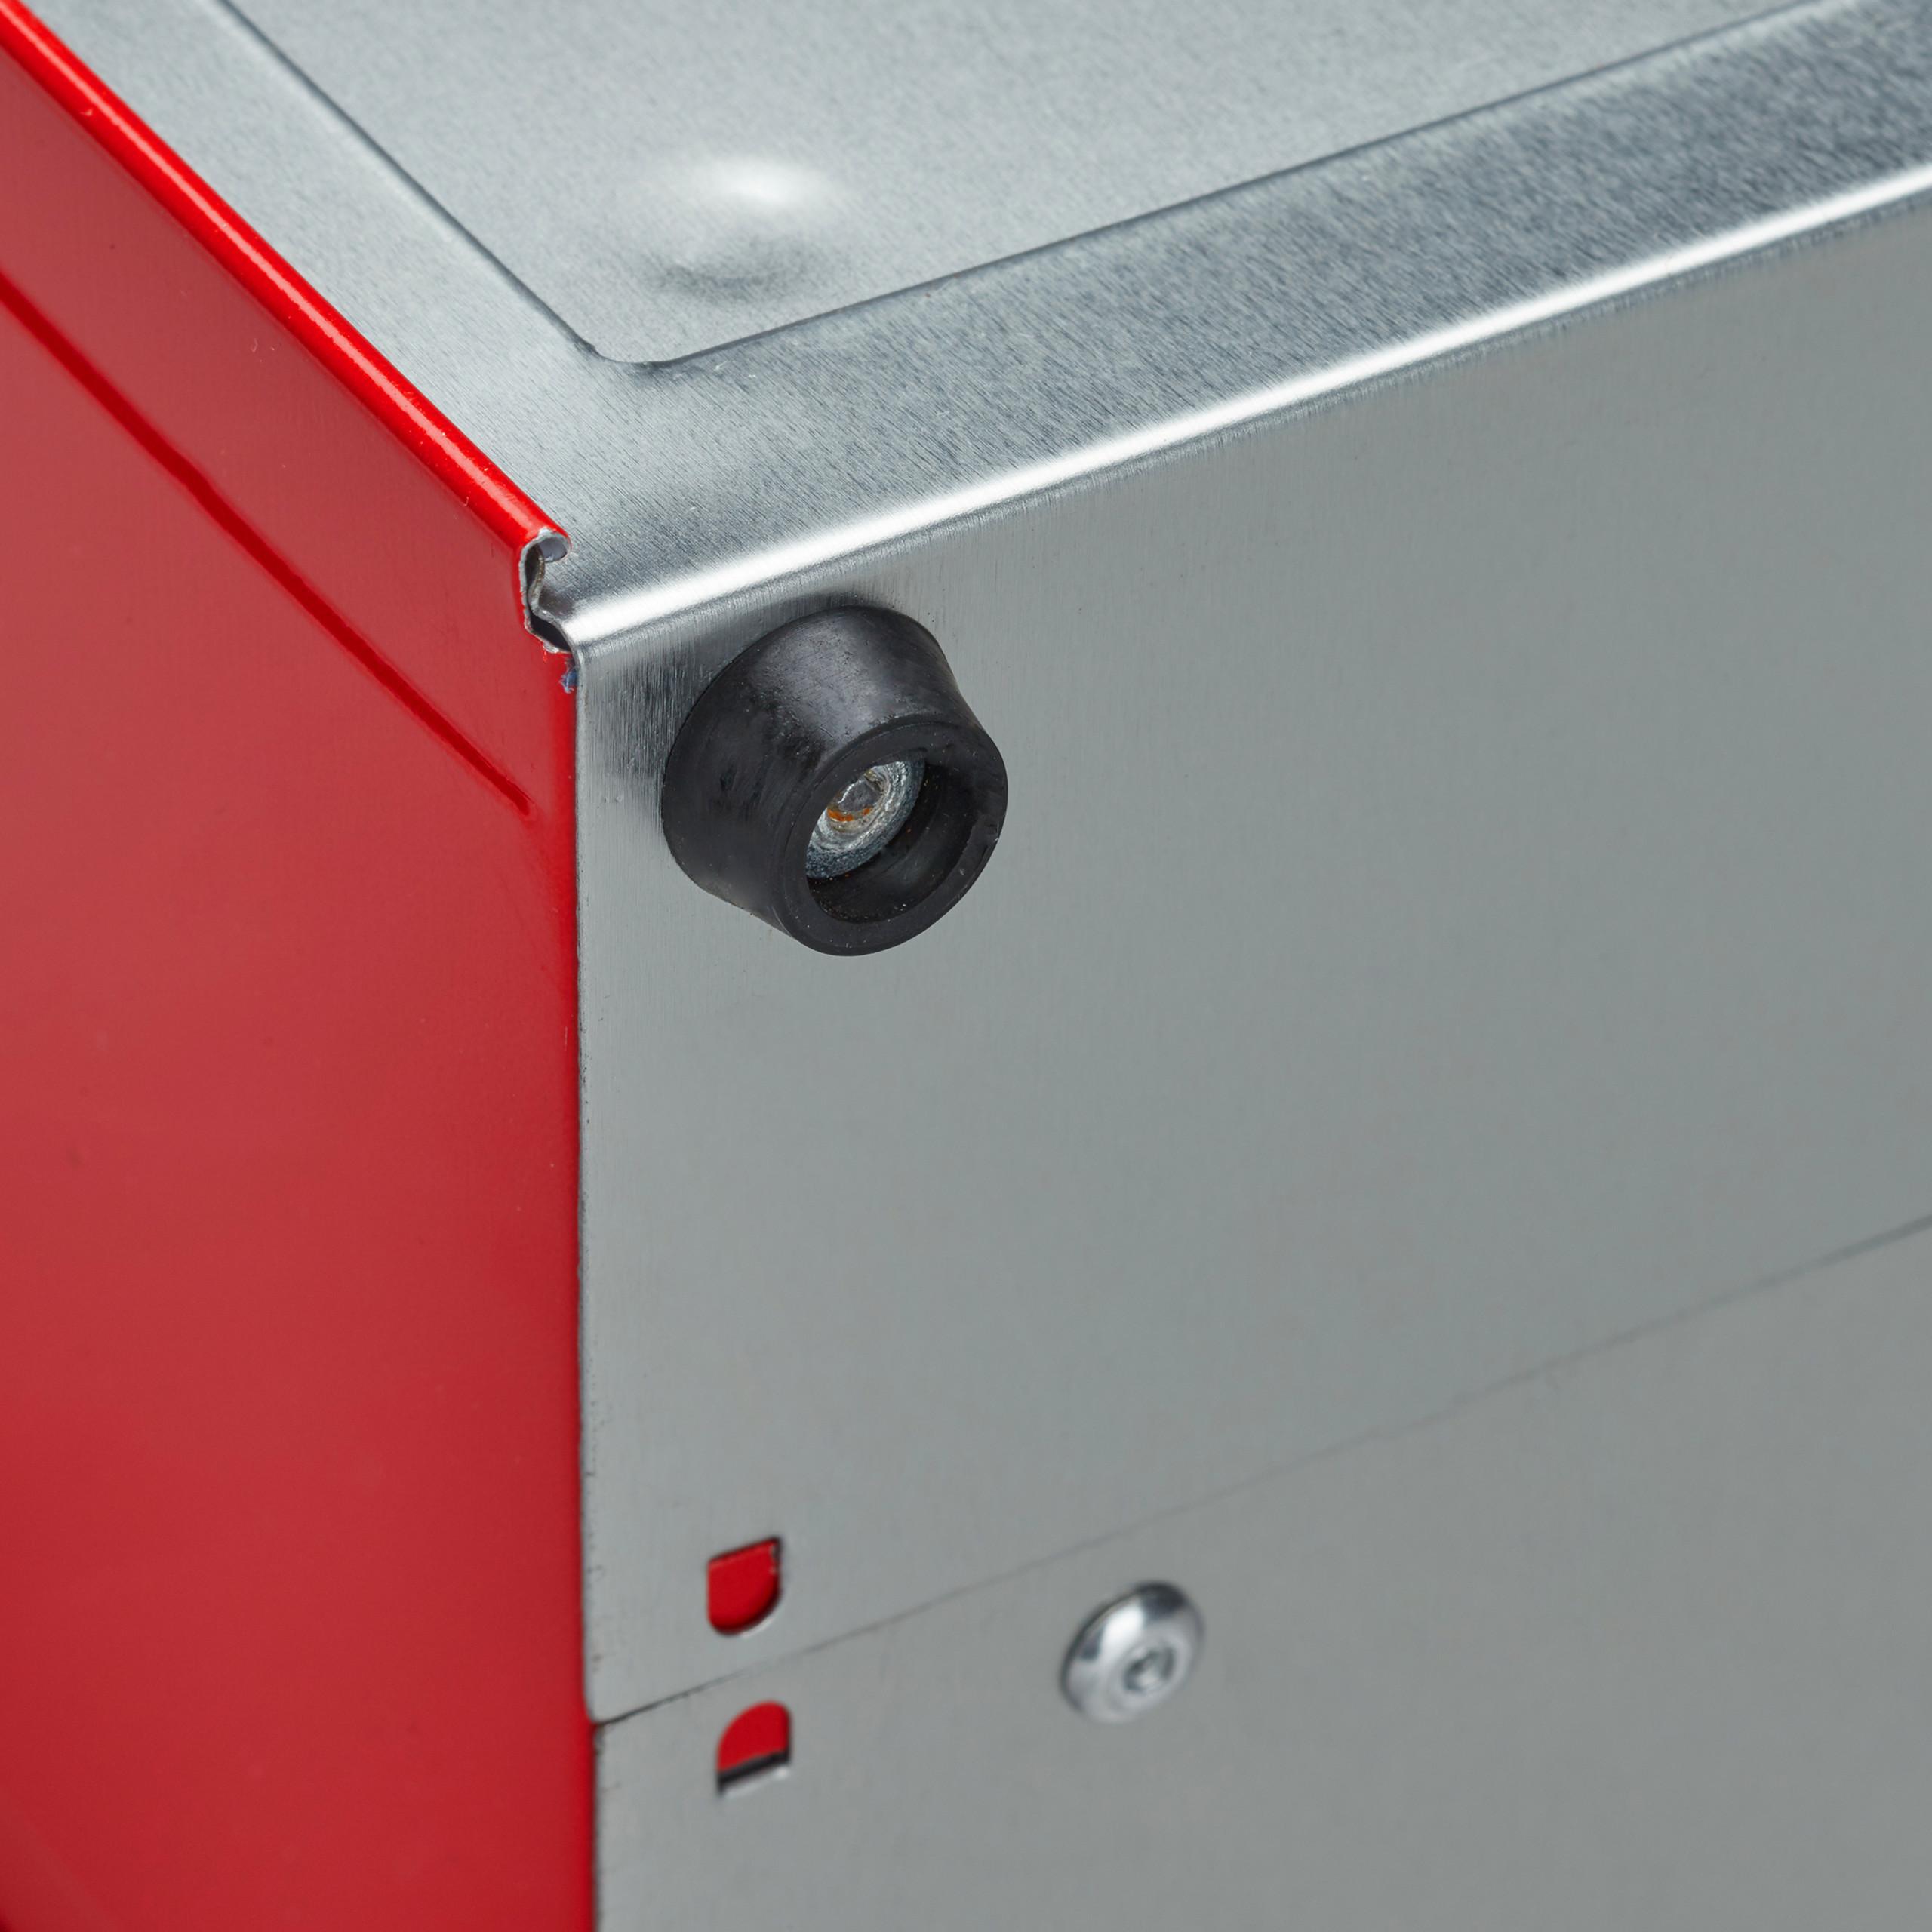 Napkin-Dispenser-Retro-American-Diner-Serviette-Holder-Restaurant thumbnail 9